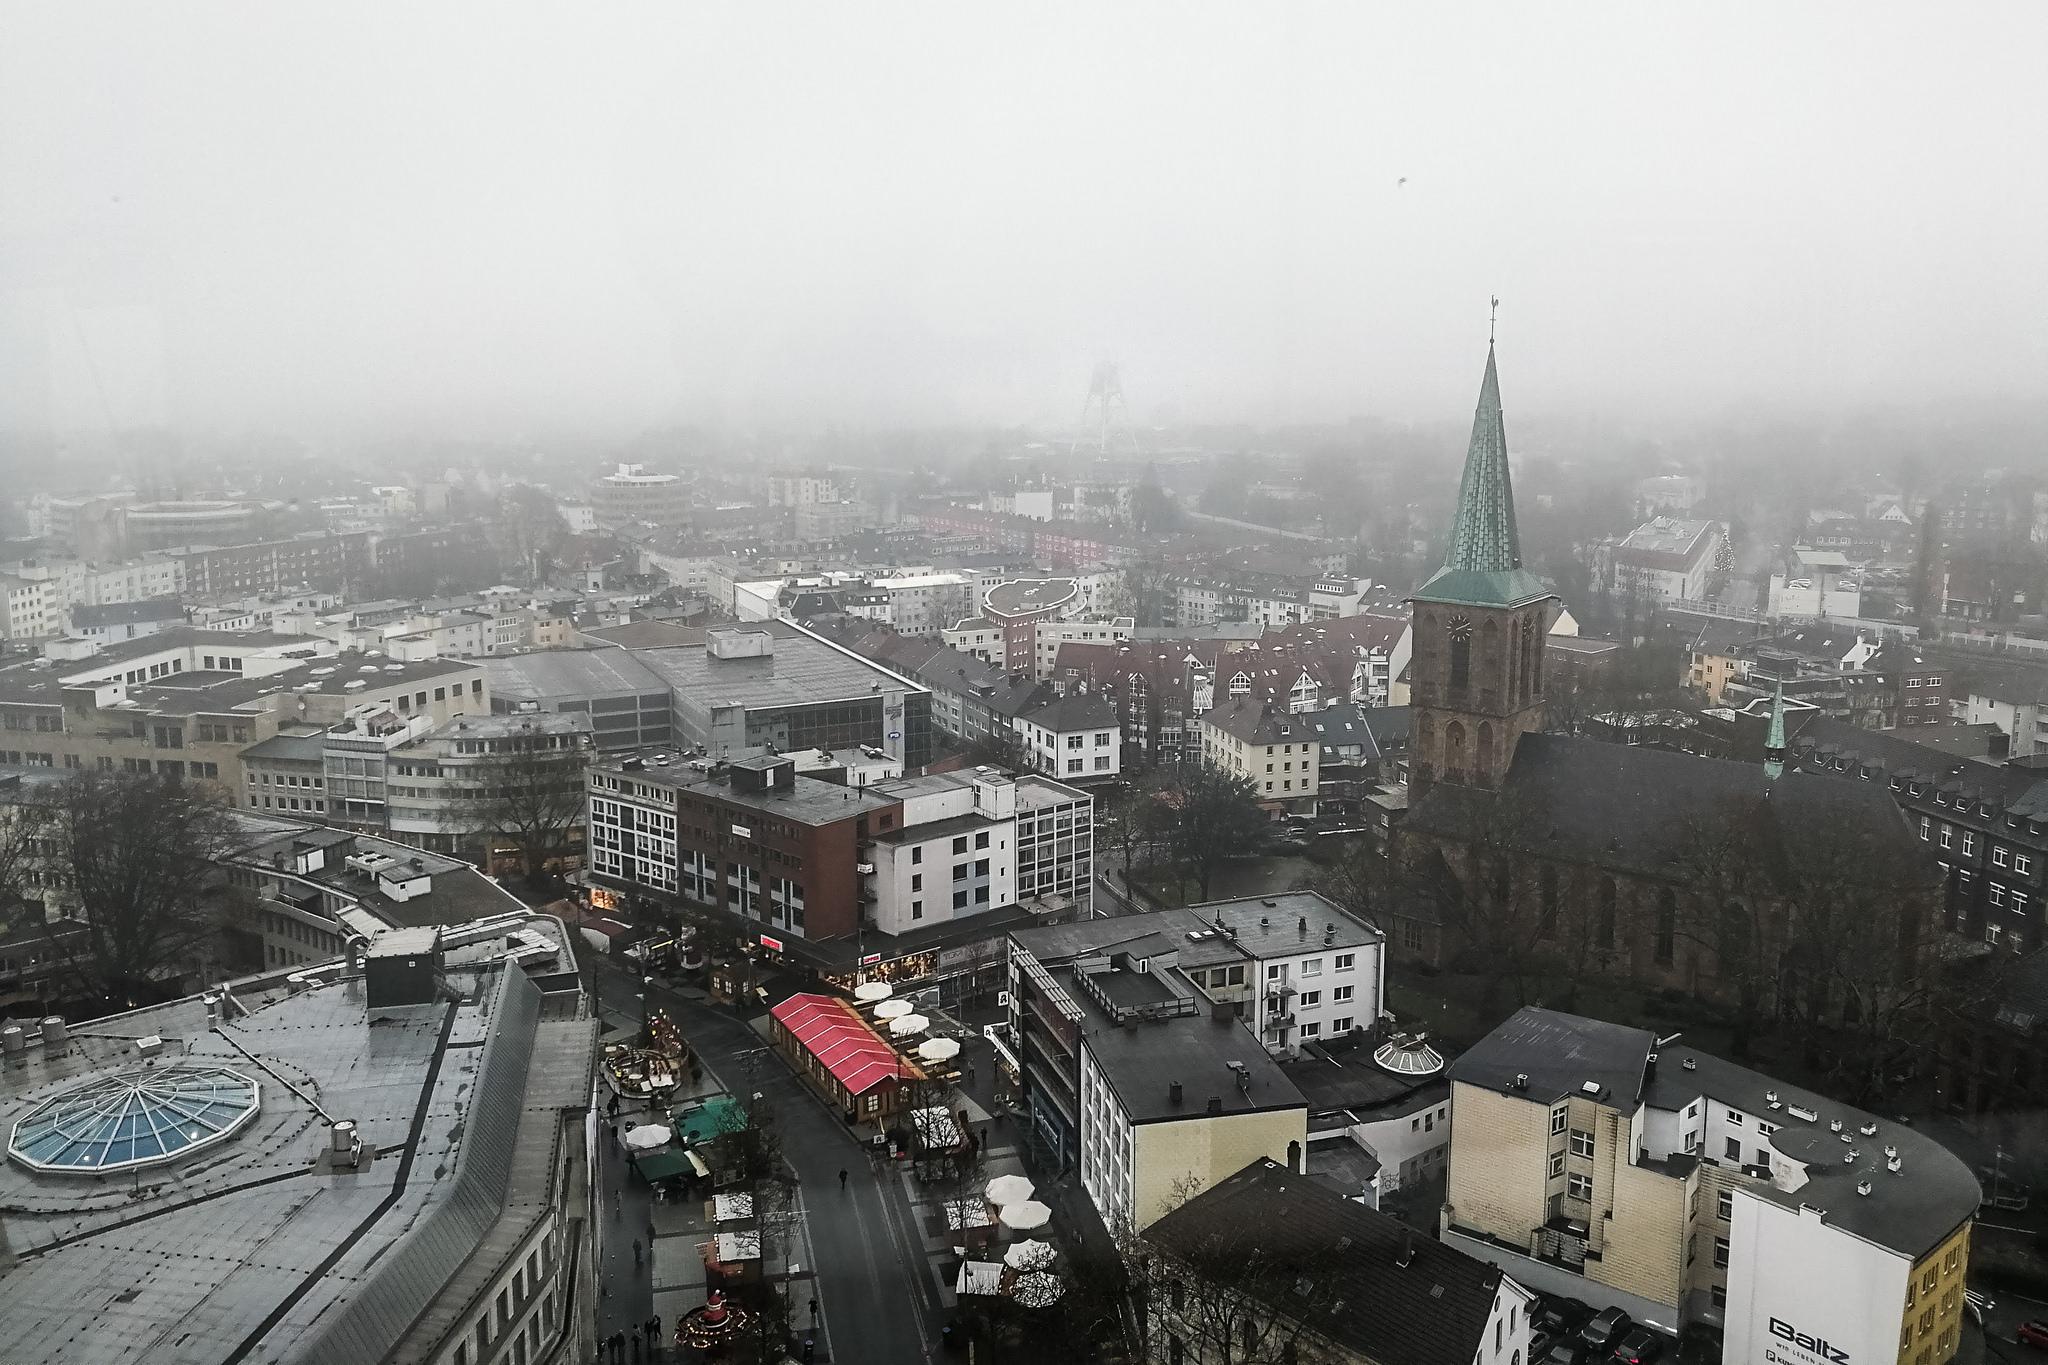 Kamerakata: Über den Dächern von Bochum